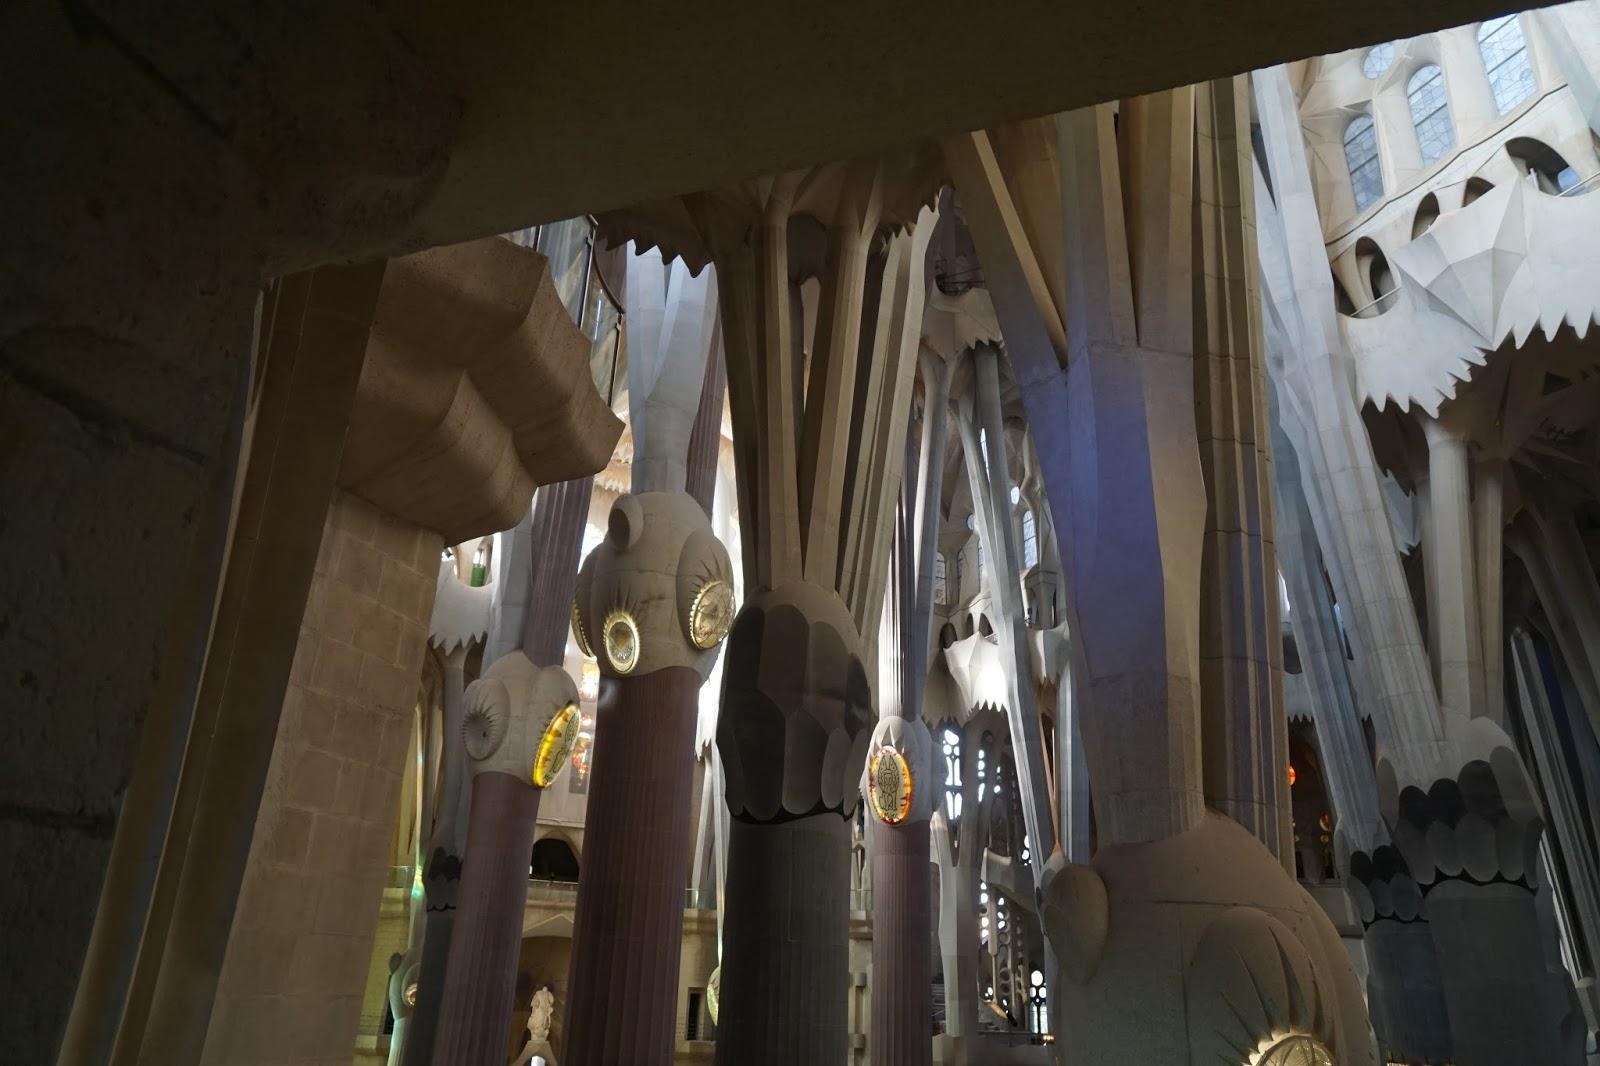 サグラダ・ファミリア (Sagrada Familia) 螺旋階段途中から見た聖堂内